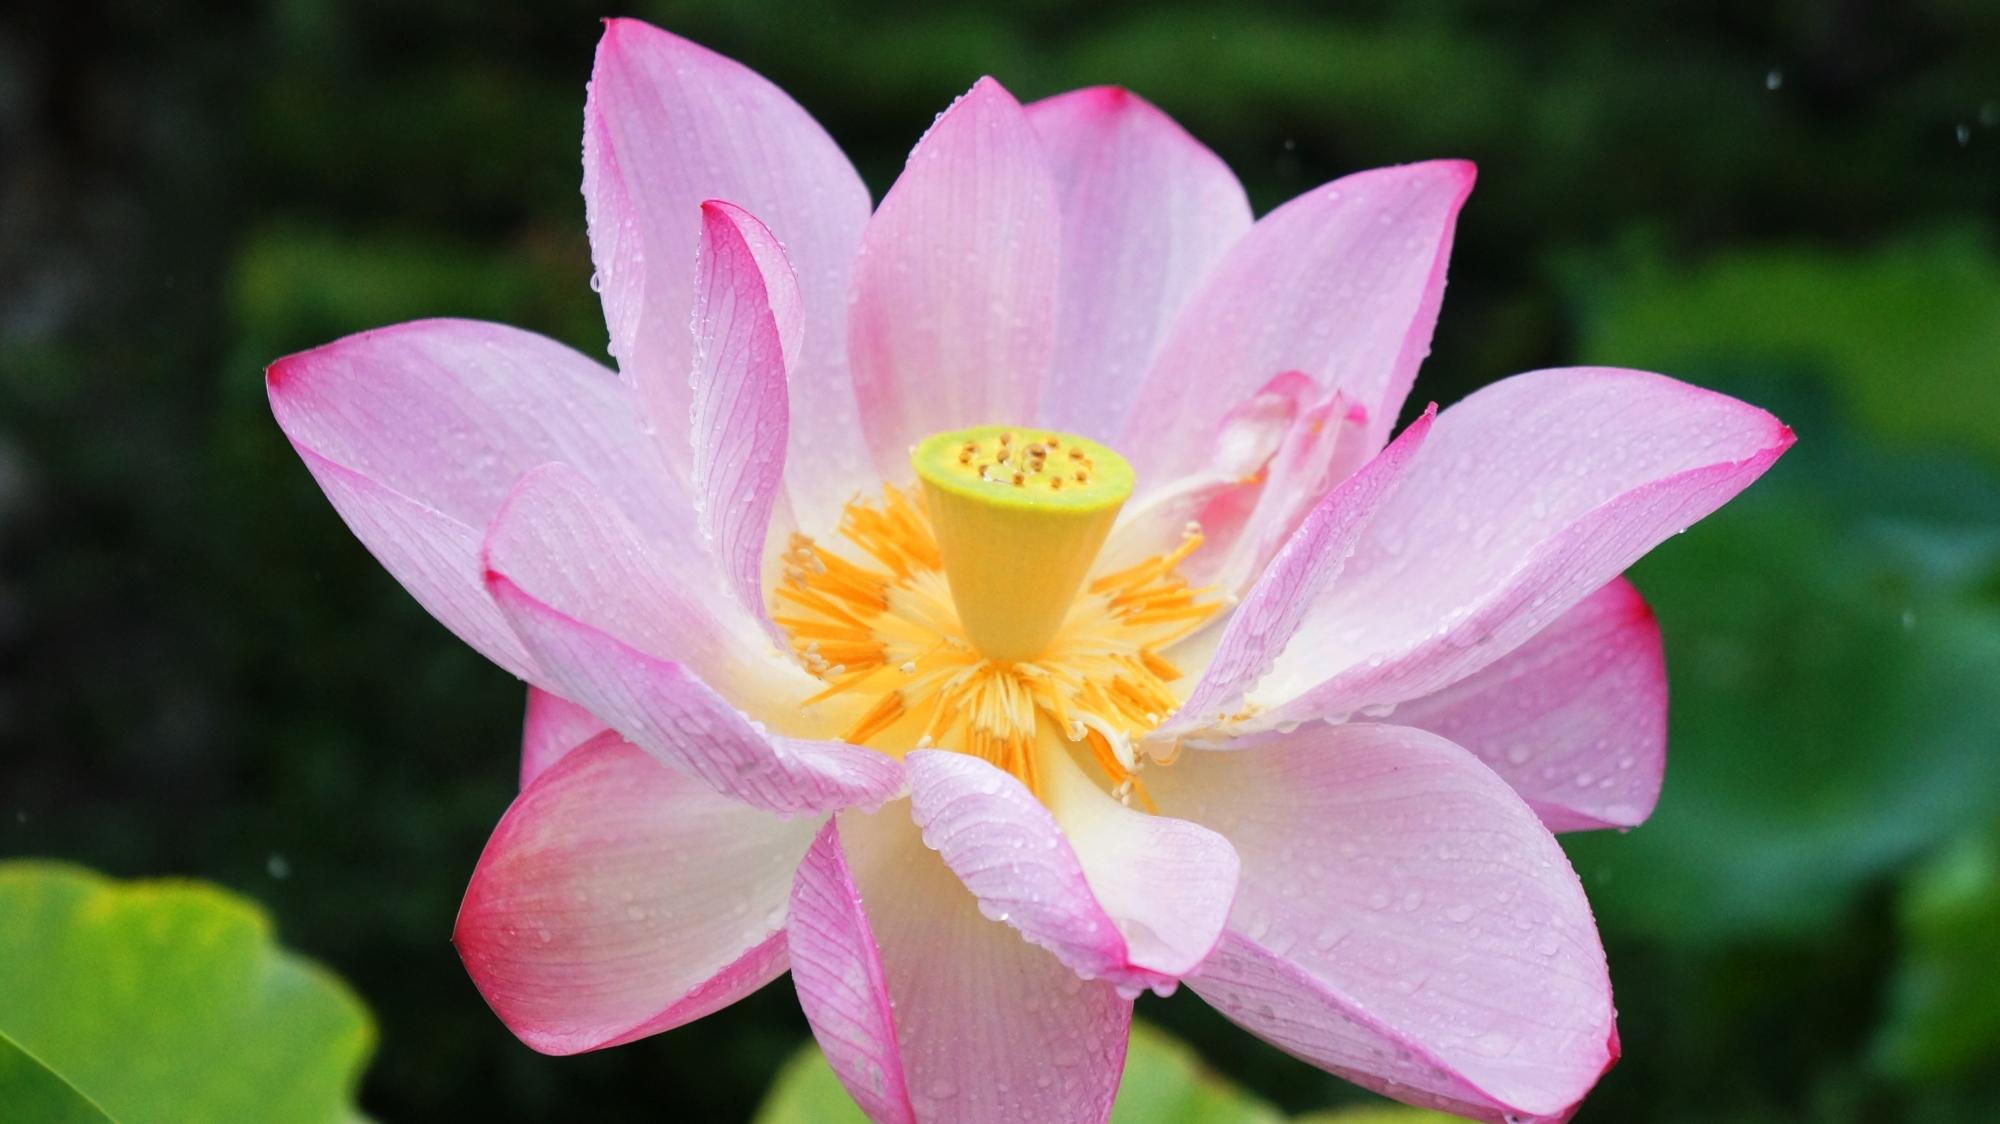 雨に濡れる法金剛院の蓮の花